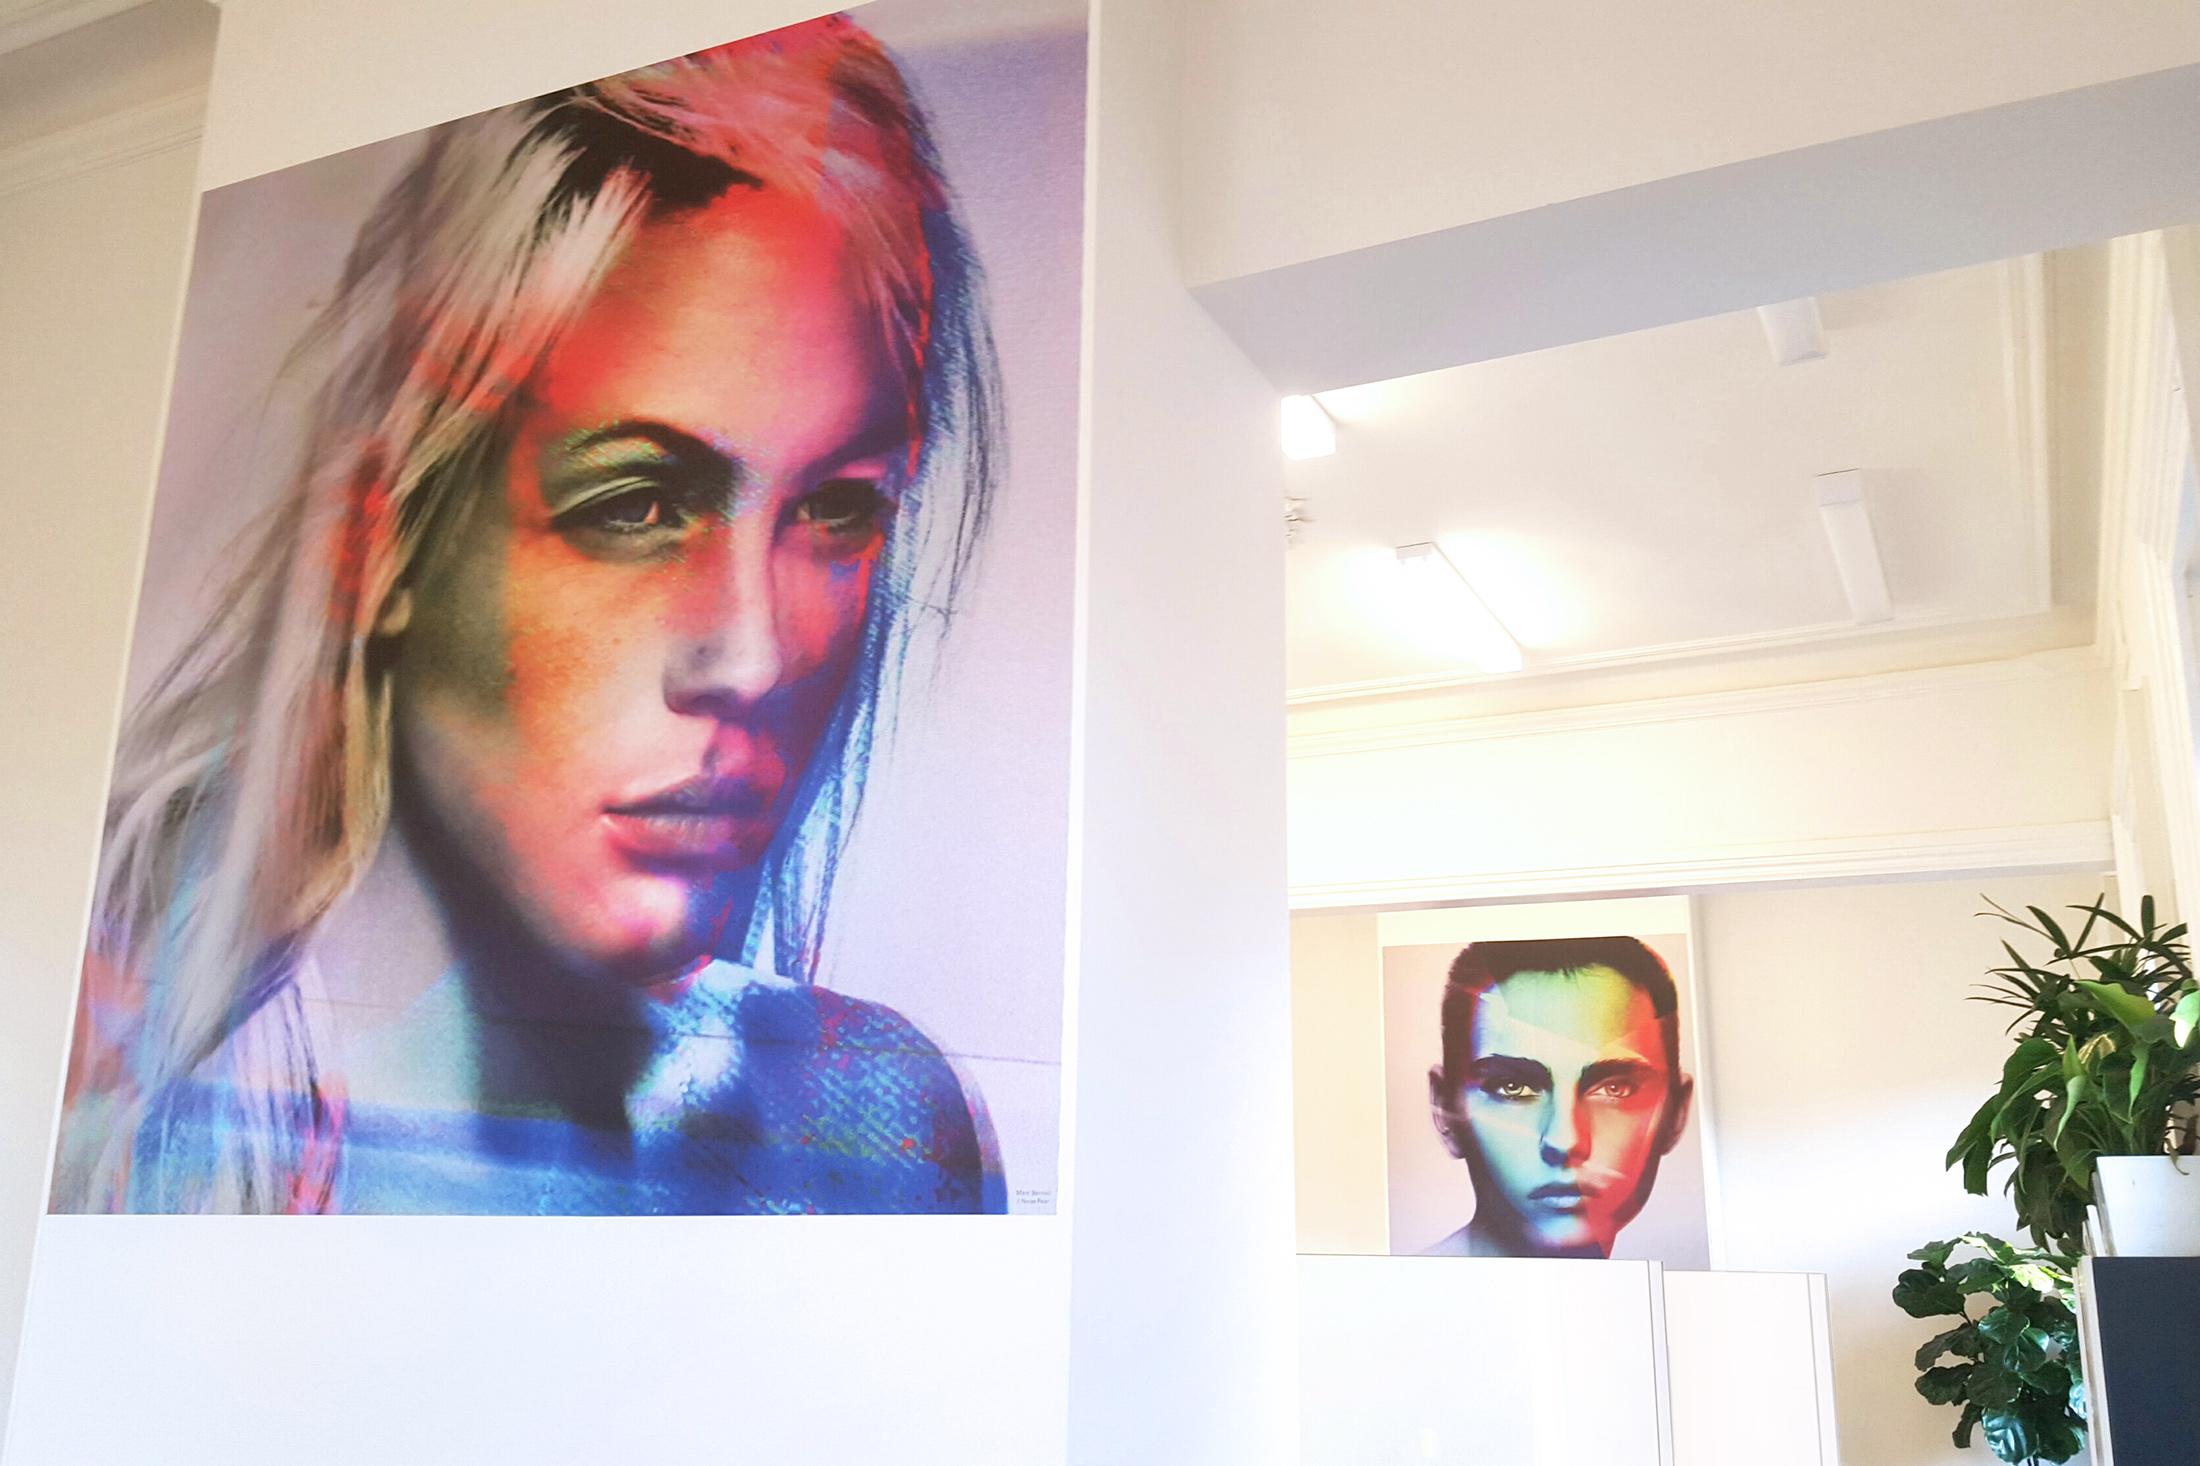 Neon-Pear-Wallpaper-Install-6.jpg